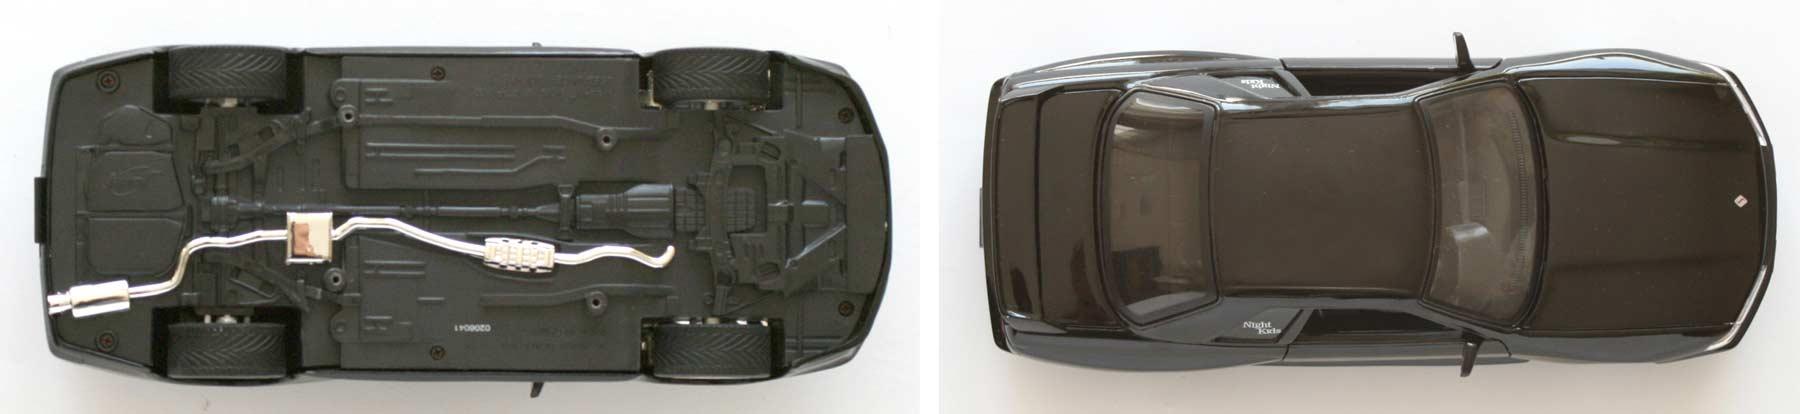 Vue de dessus et dessous de la Nissan GTR R32 (Initial D)